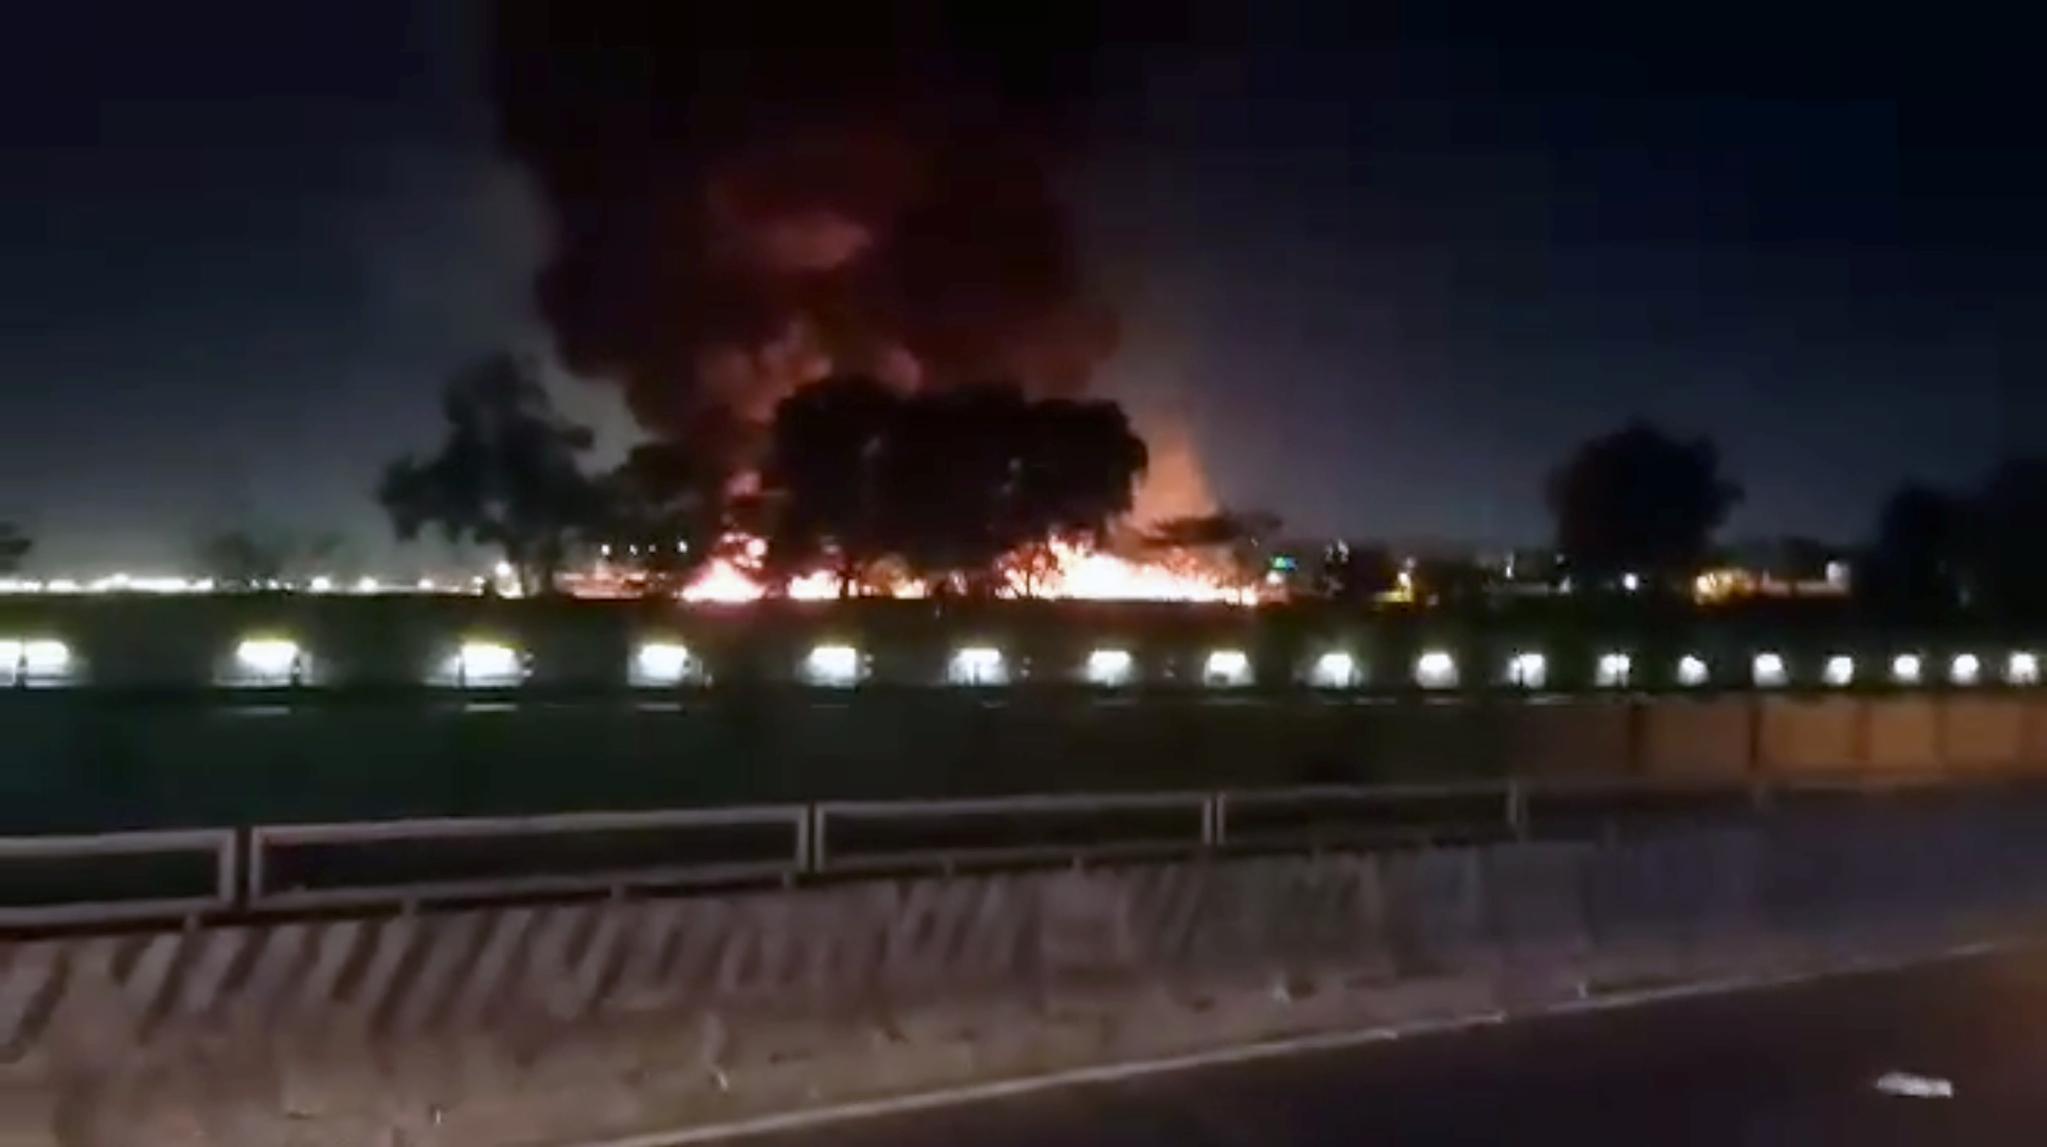 필리핀 마닐라 국제공항에서 29일(현지시간) 오후 8시쯤 환자를 싣고 일본으로 향하던 라이온에어 소속 소형비행기가 활주로 끝부분에서 폭발했다. 연합뉴스